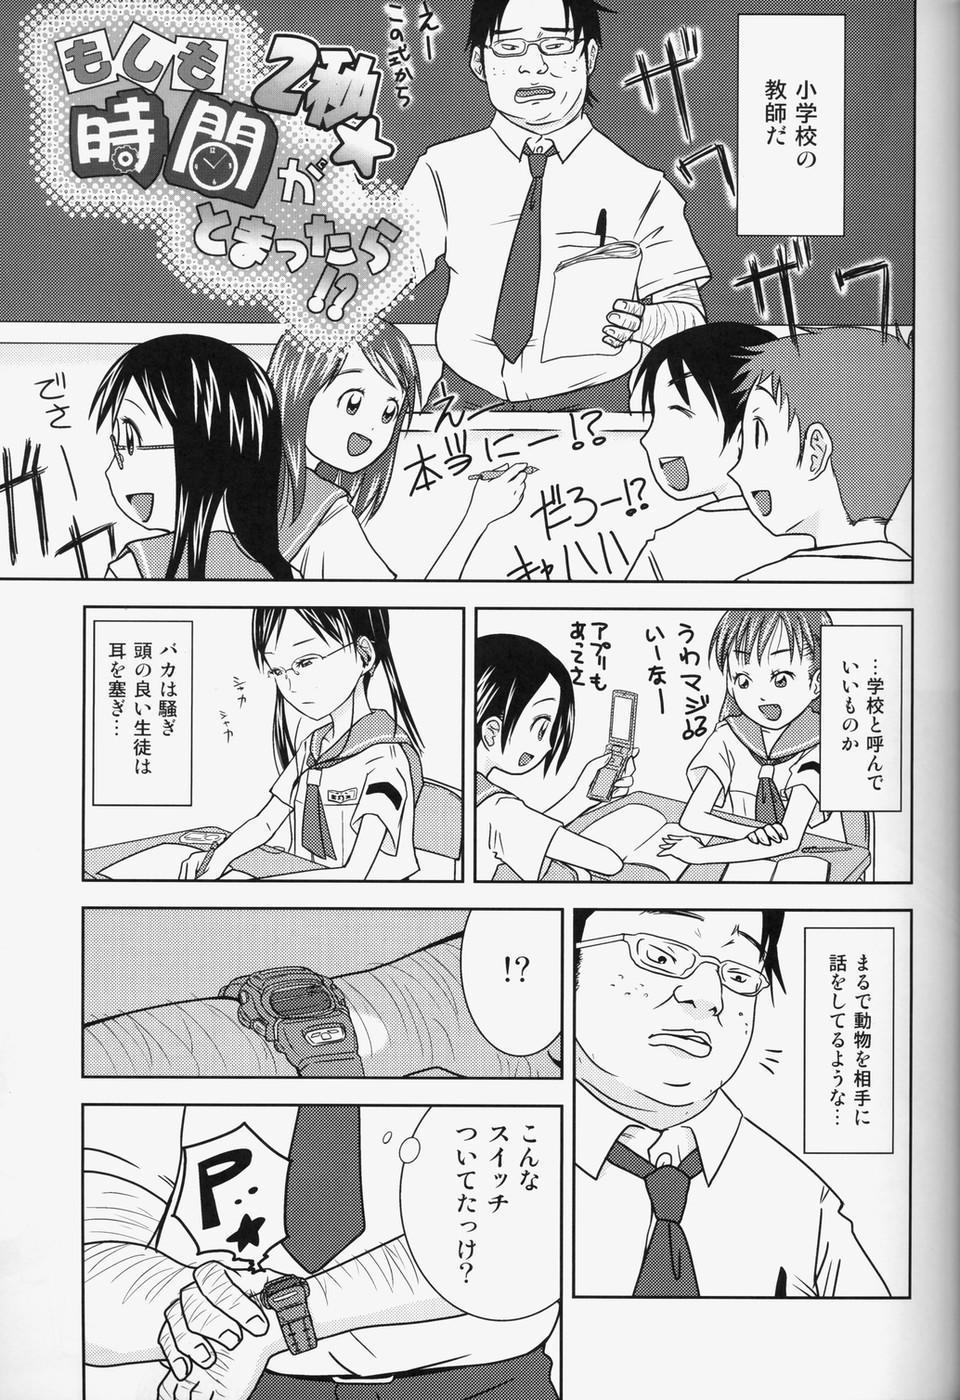 Moshimo Jikan ga Tomattara!? 2 Byou 3